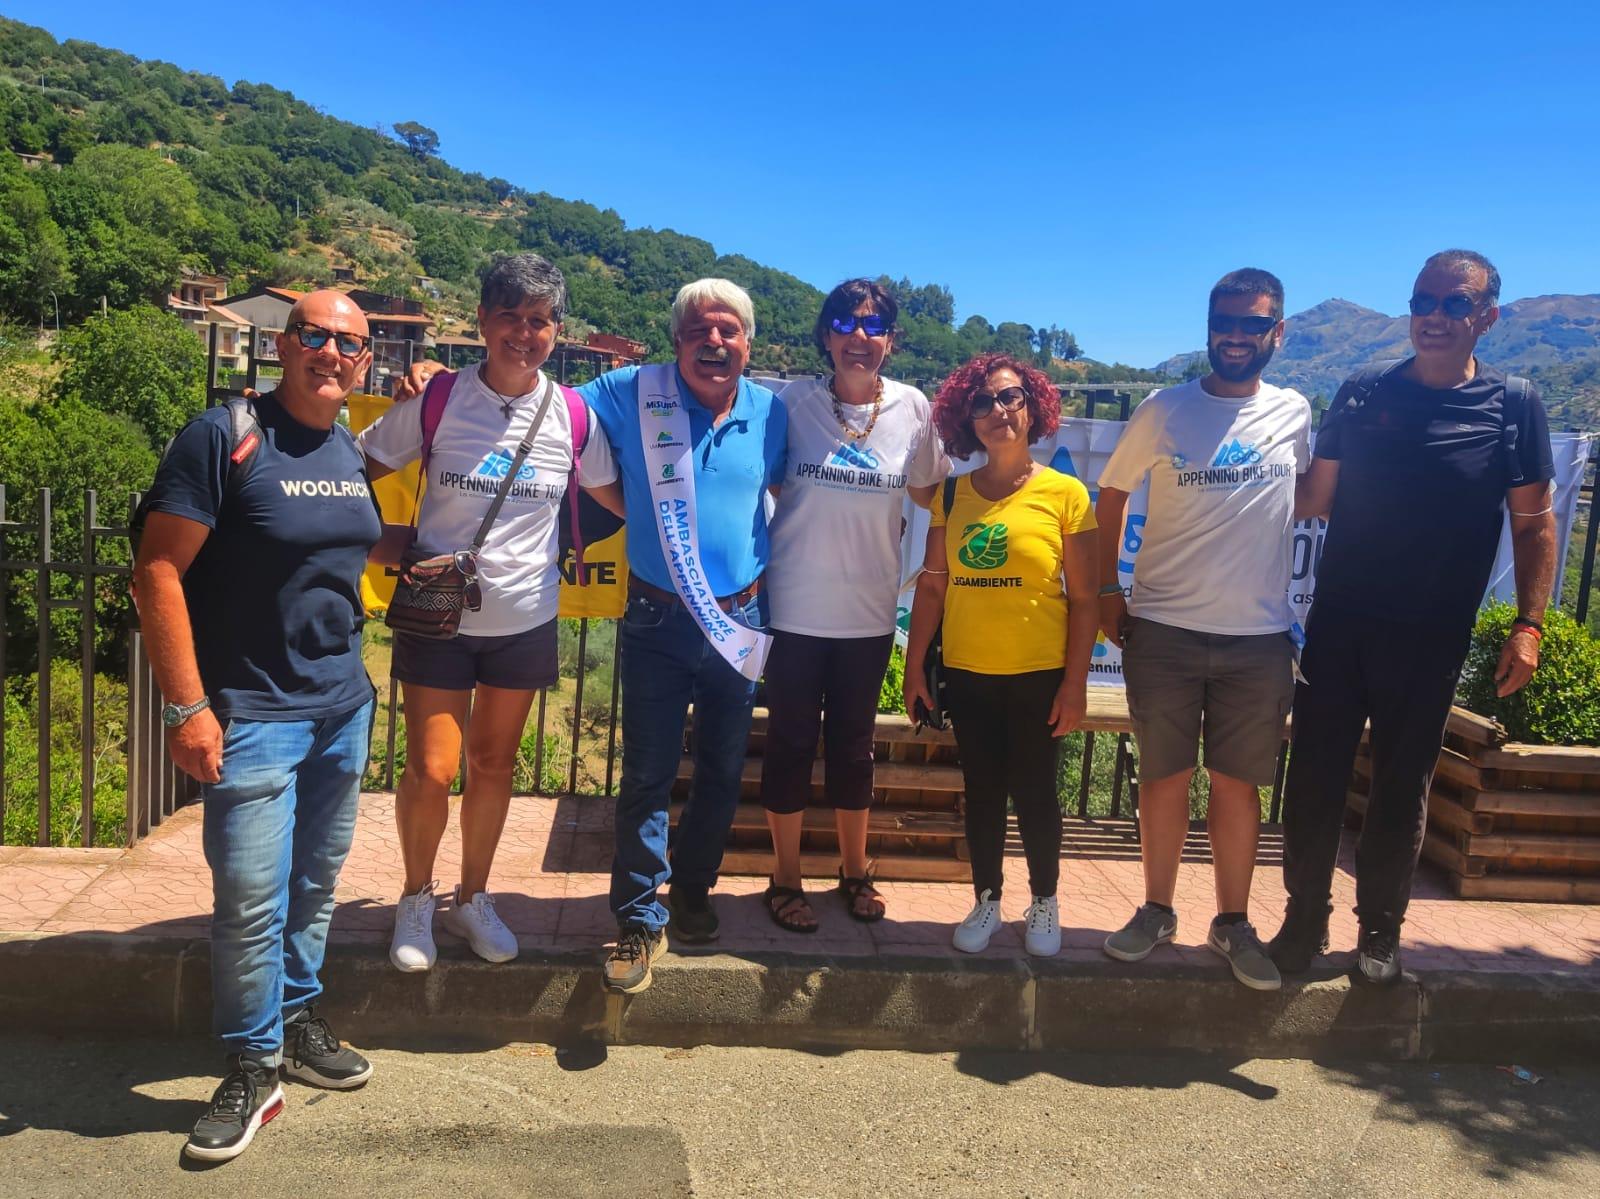 Appennino Bike Tour, la ciclovia dell'Appennino fa tappa ad Antillo e Montalbano Elicona